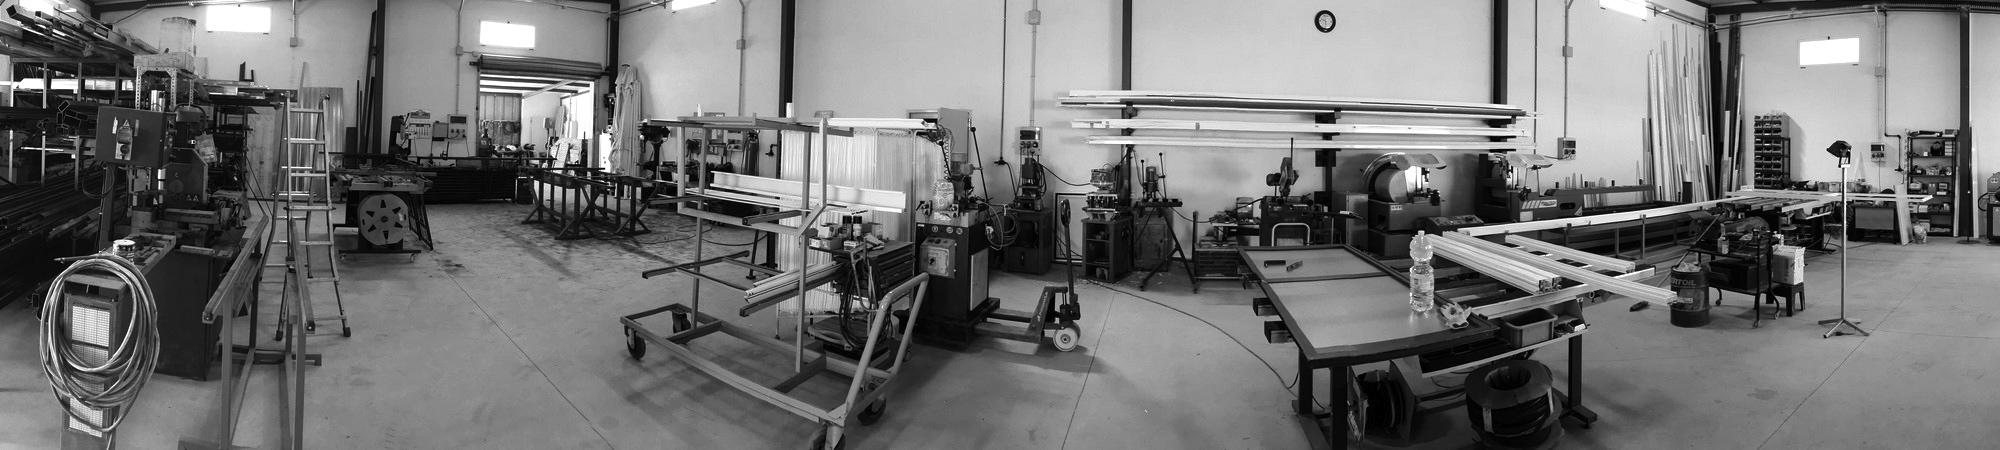 aluminio en motril, pvc en motril, hierro en motril, trabajos de carpinteria metalica en motril,